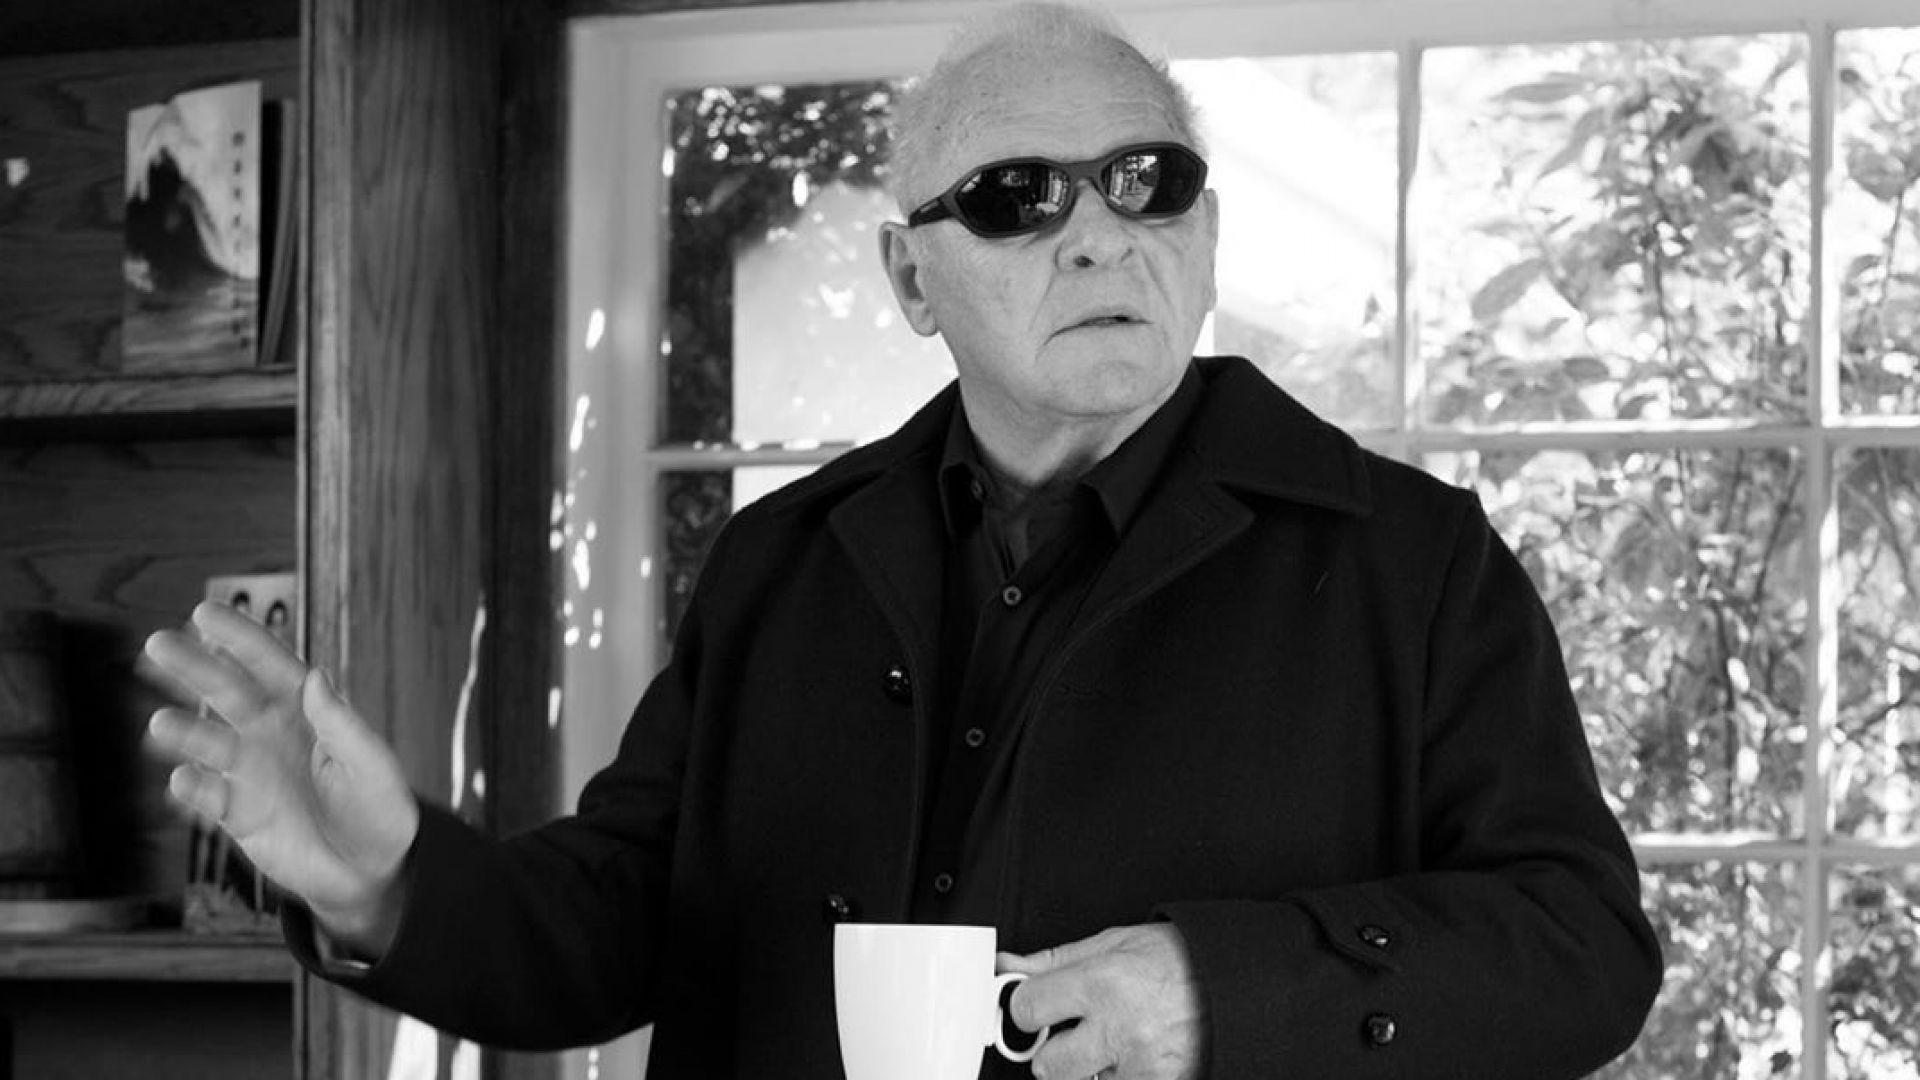 Антъни Хопкинс в коледно настроение, дни преди премиерата на новия му филм